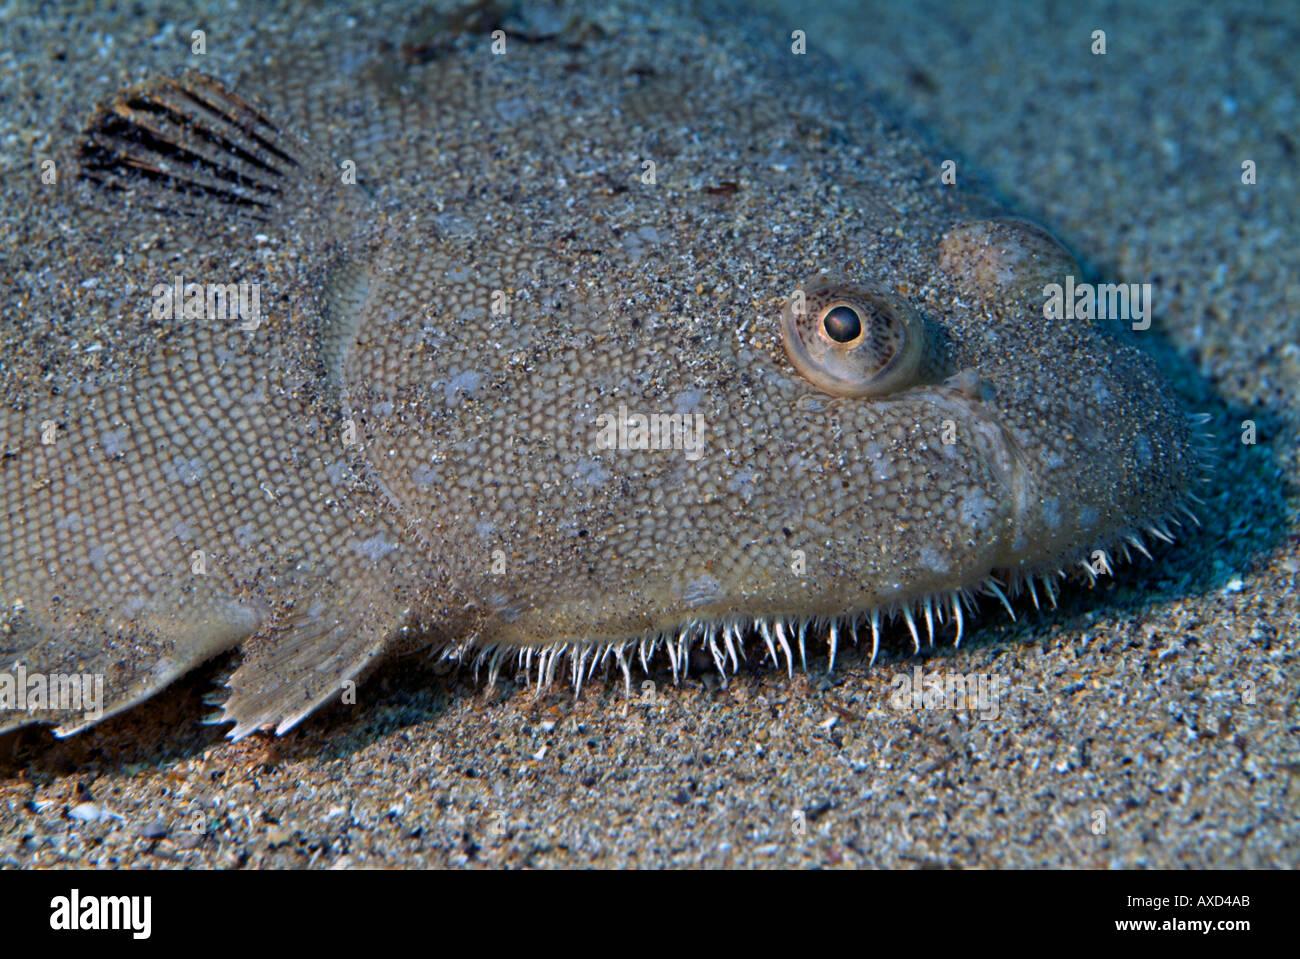 La sogliola (Solea vulgarilis) che si nasconde sotto la sabbia Immagini Stock